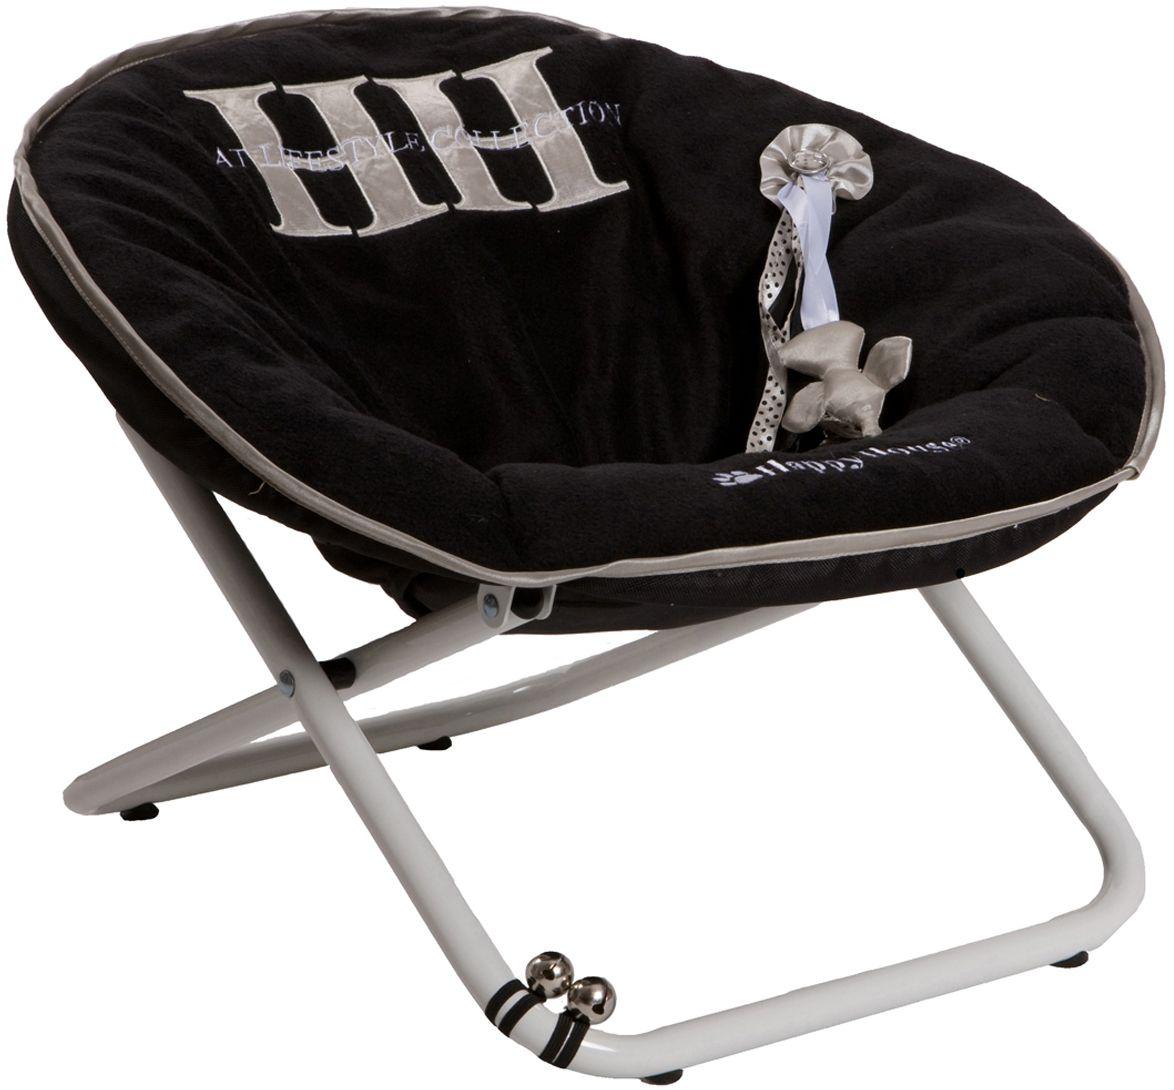 Стул для кошек Happy House Cat Lifestyle, цвет: черный, 55 х 51 х 36 см teak house стул buton